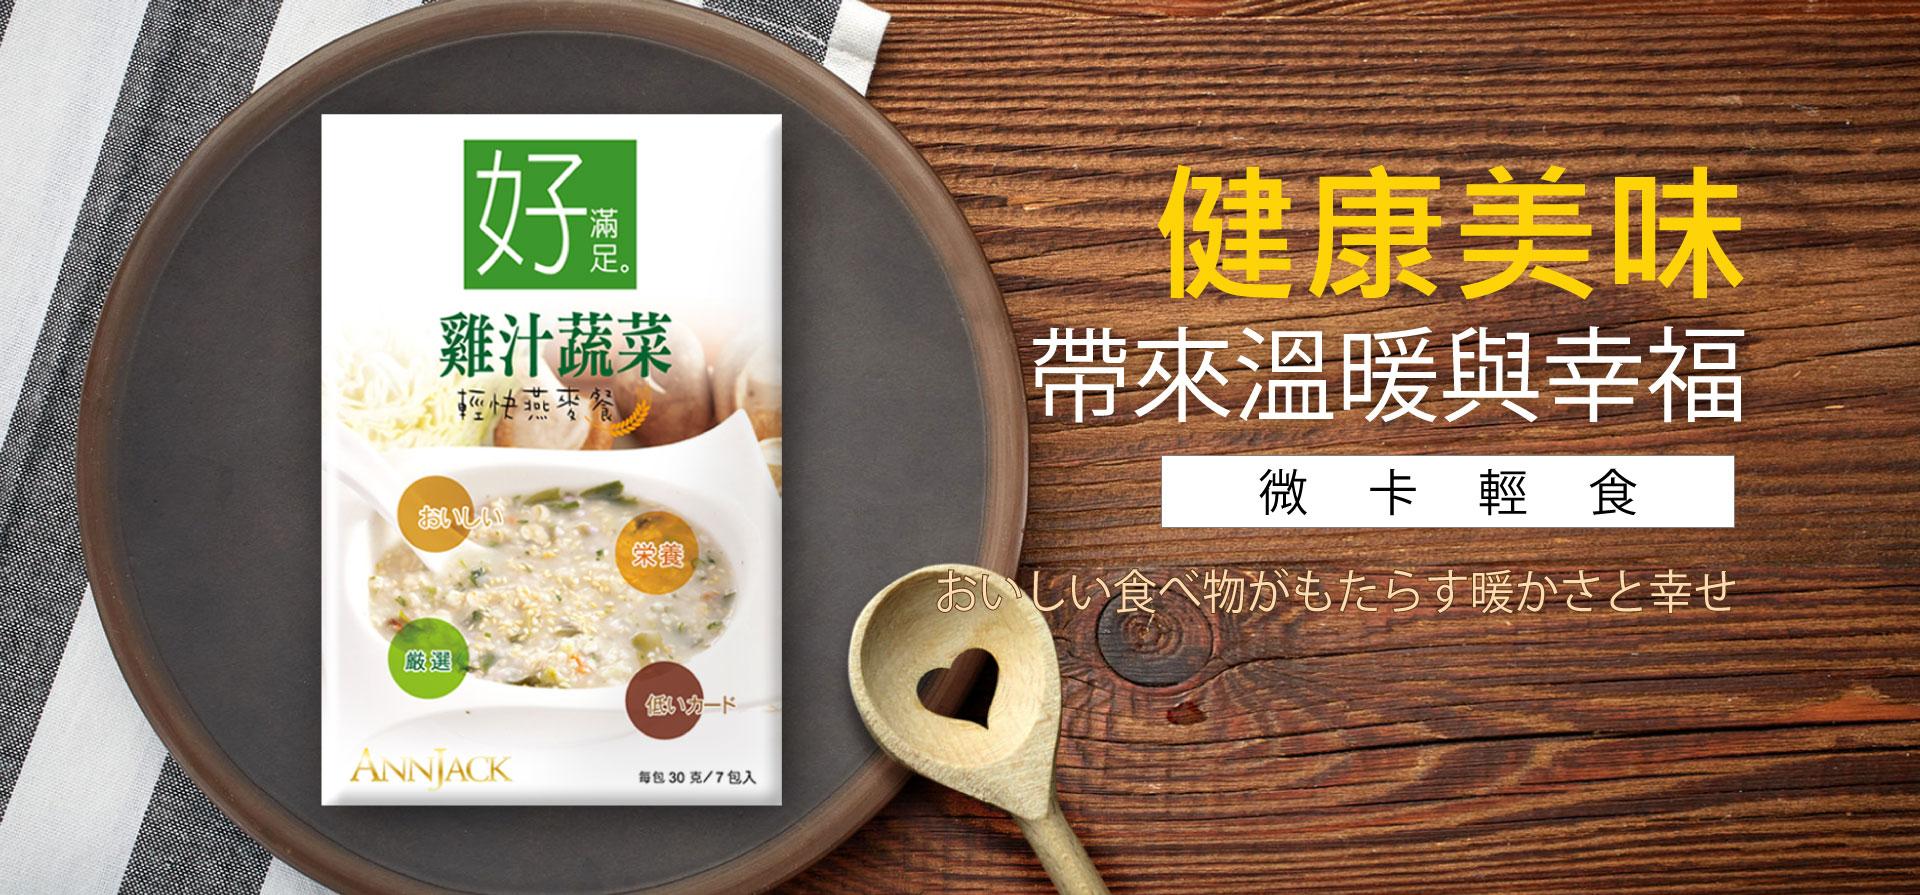 微卡輕食商品頁面